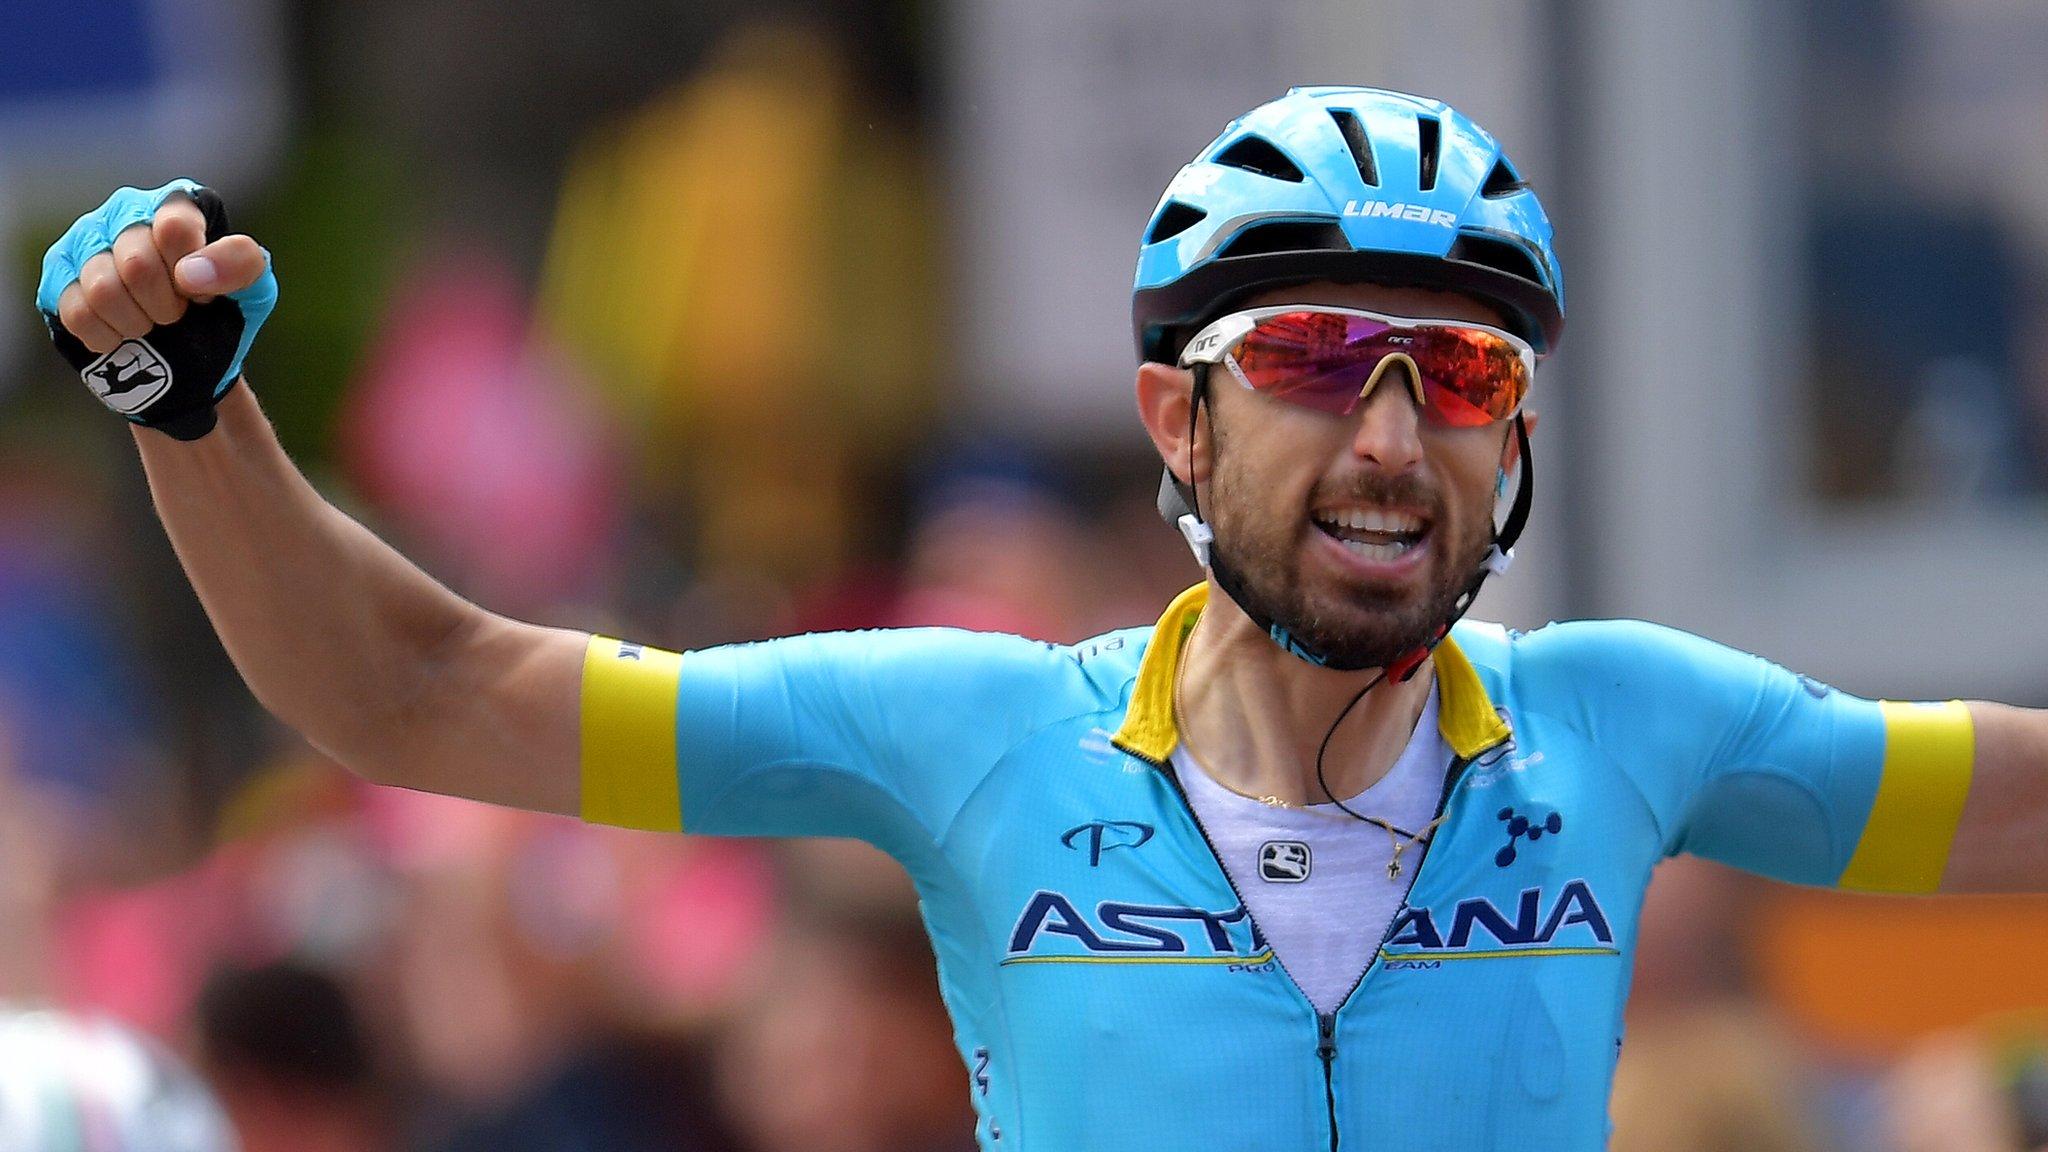 Giro d'Italia: Richard Carapaz stretches lead over Primoz Roglic as Dario Cataldo wins stage 15